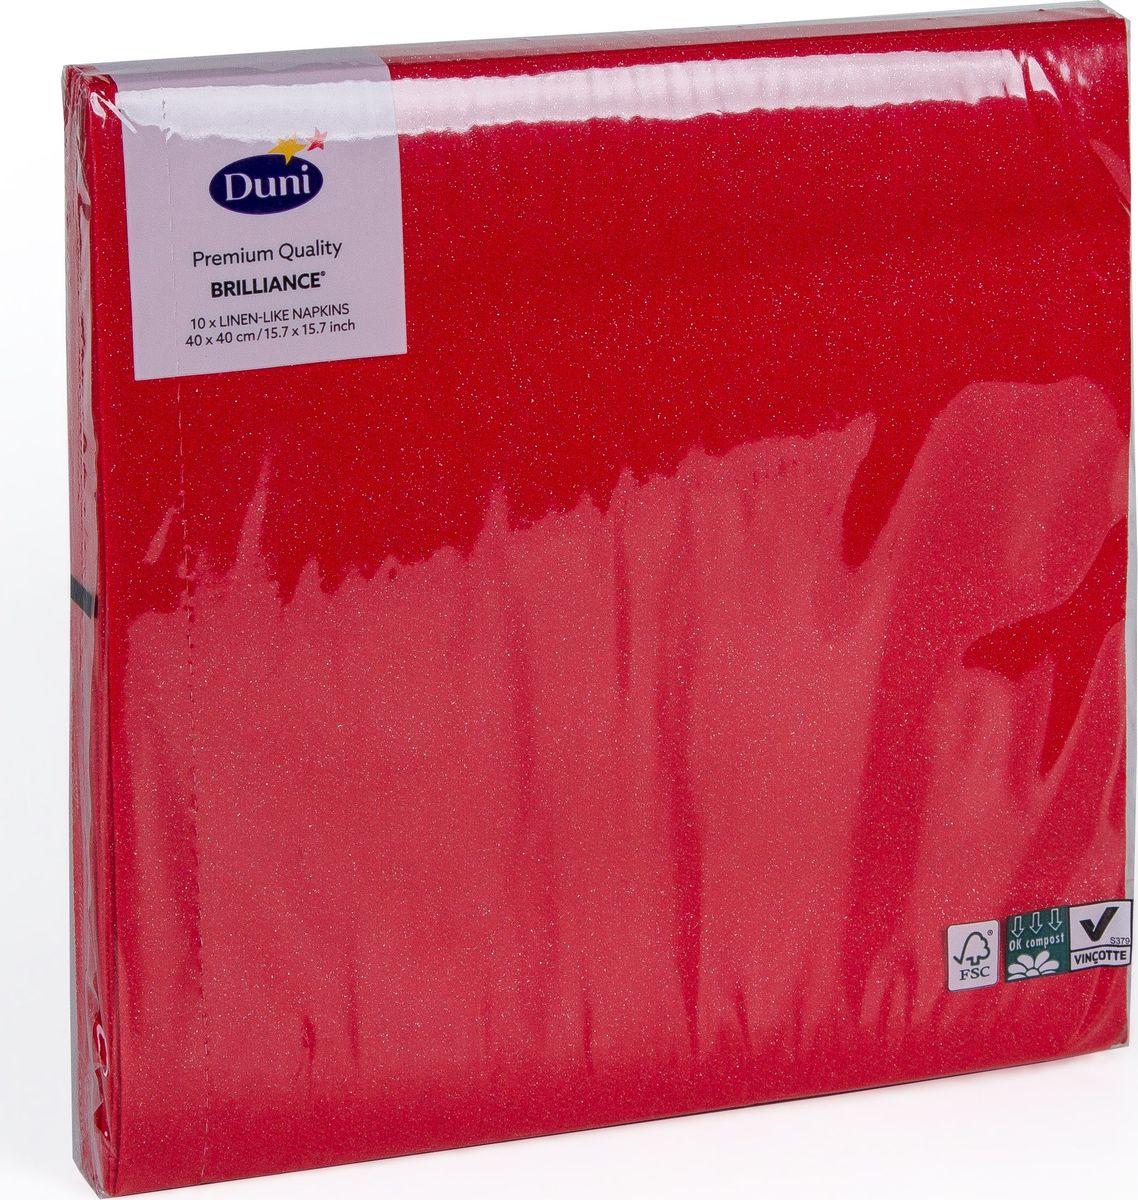 Салфетки бумажные Duni Lin. Brilliance, цвет: красный, 40 смMF-6W-12/230Многослойные бумажные салфетки изготовлены из экологически чистого, высококачественного сырья - 100% целлюлозы. Салфетки выполнены в оригинальном и современном стиле, прекрасно сочетаются с любым интерьером и всегда будут прекрасным и незаменимым украшением стола.